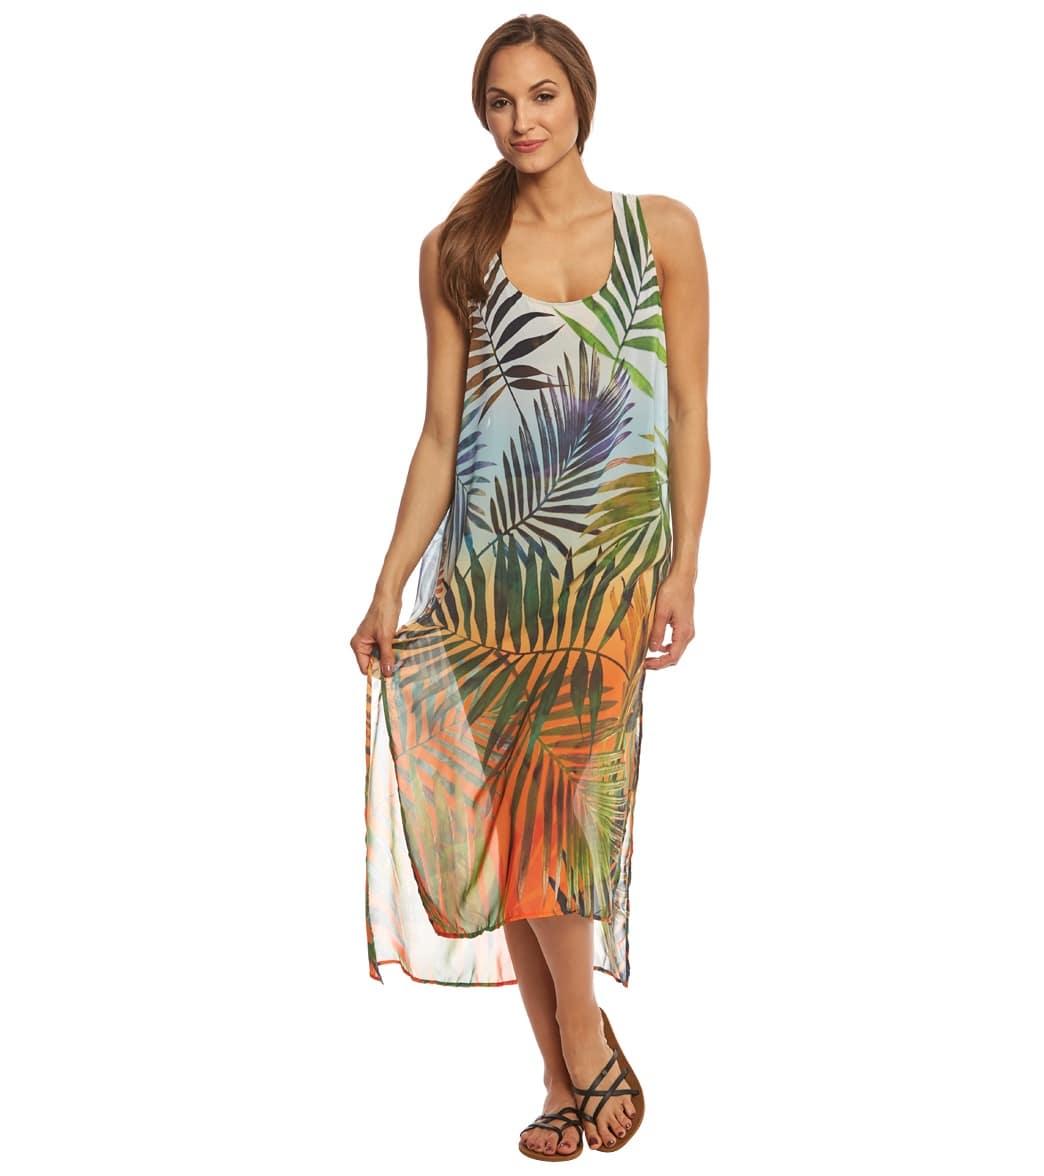 fd937e2ea0f22 Rappi Sunset Palms Vivid Tank Dress at SwimOutlet.com - Free Shipping